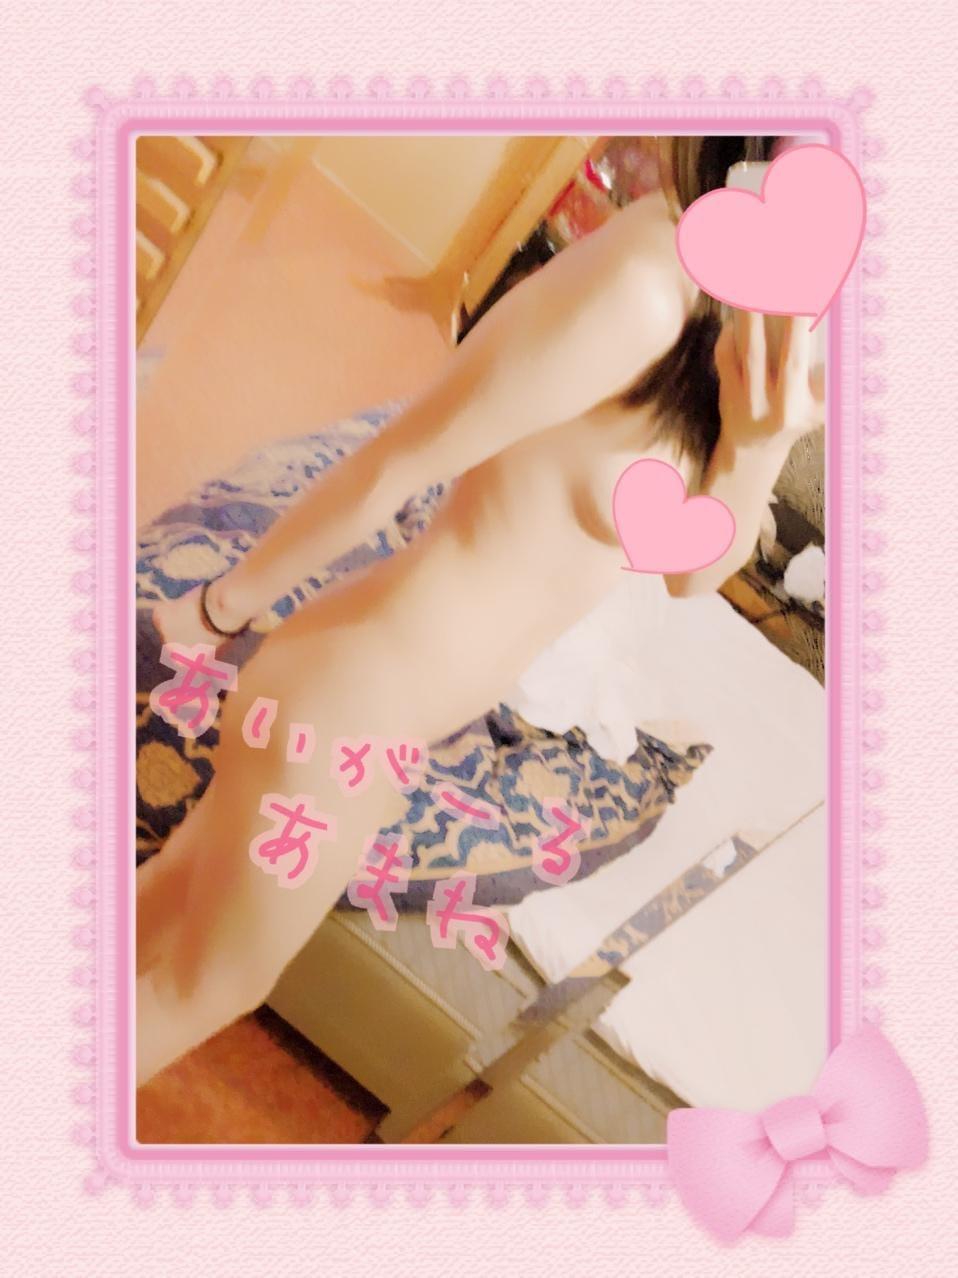 「昨日のお礼です☆」05/17(05/17) 22:48 | あまねの写メ・風俗動画